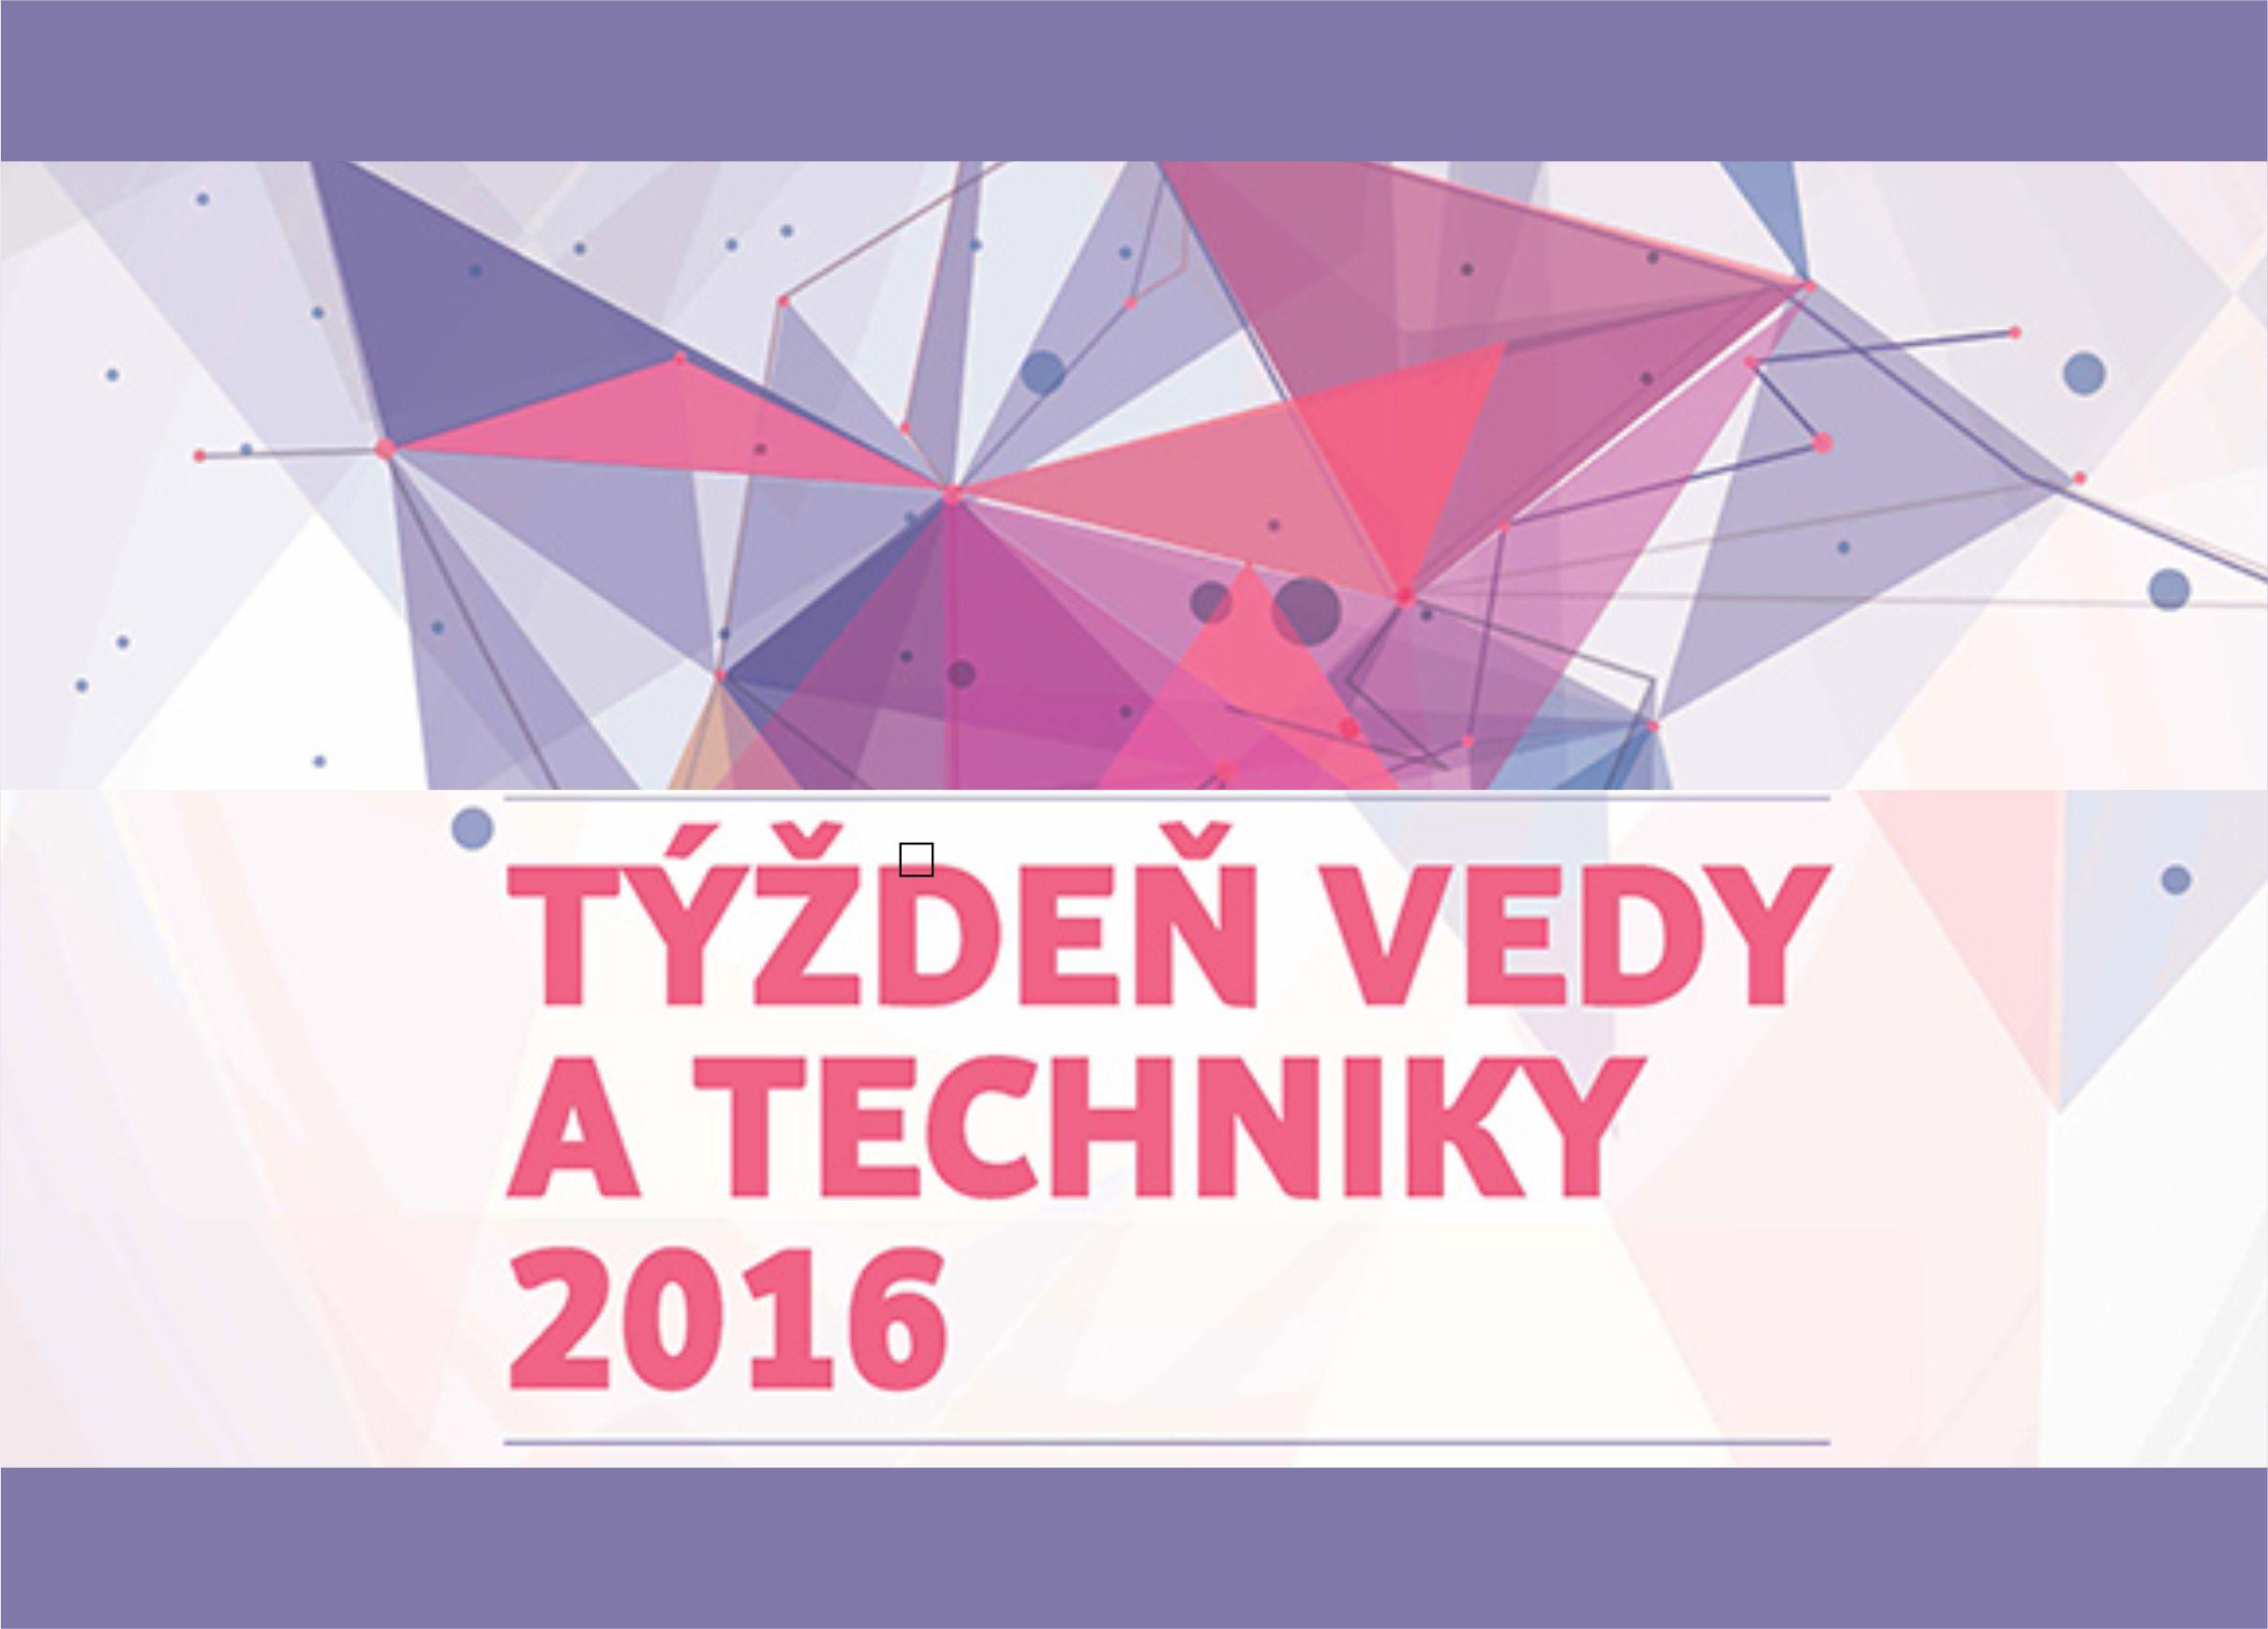 d64dd7249055 Začal sa Týždeň vedy a techniky na Slovensk - Kam v meste